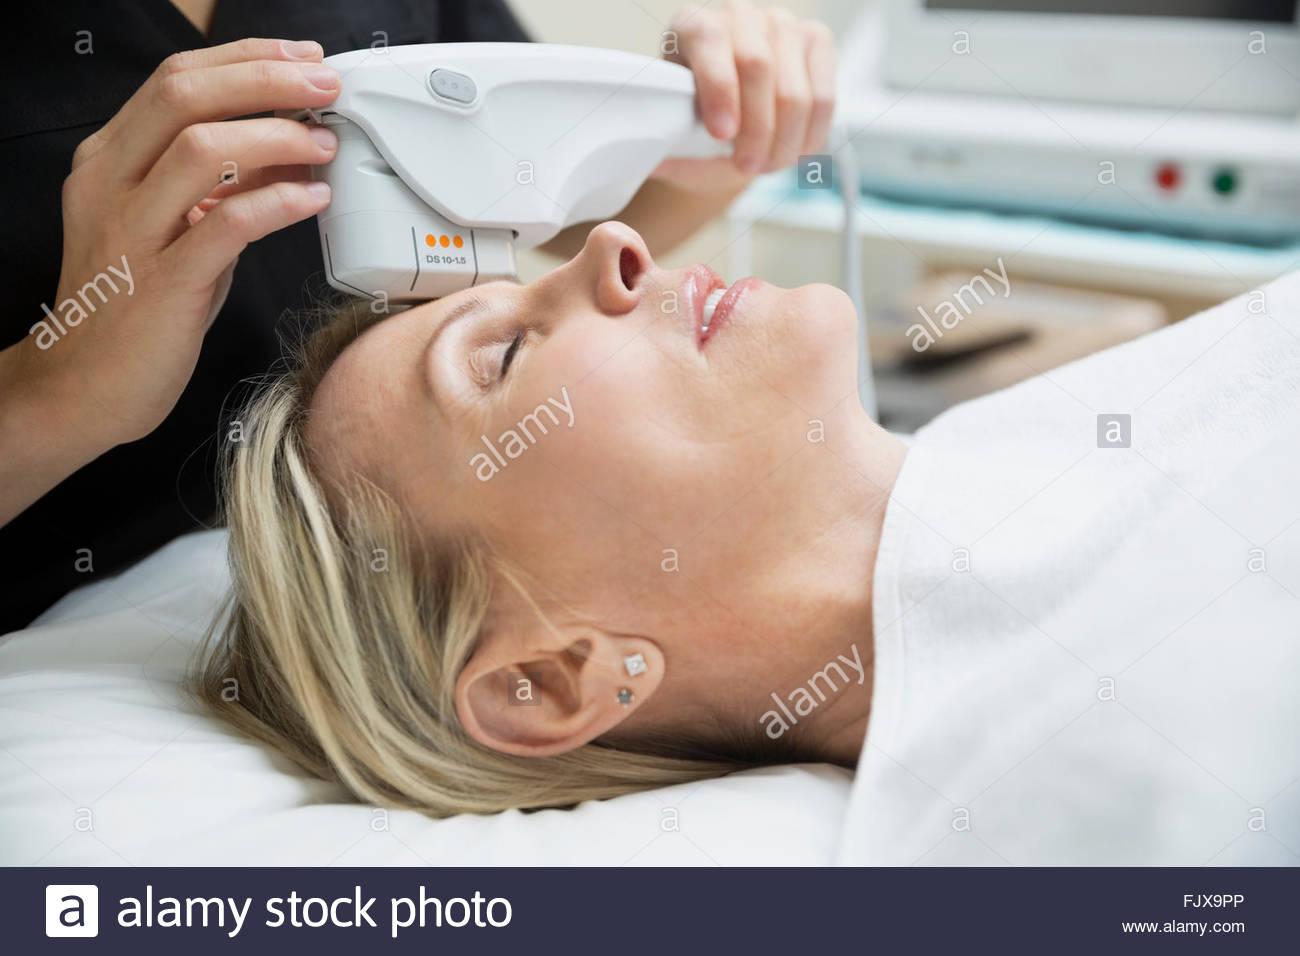 Technicien en esthétique à l'aide d'équipement à ultrasons sur le visage de femme Photo Stock